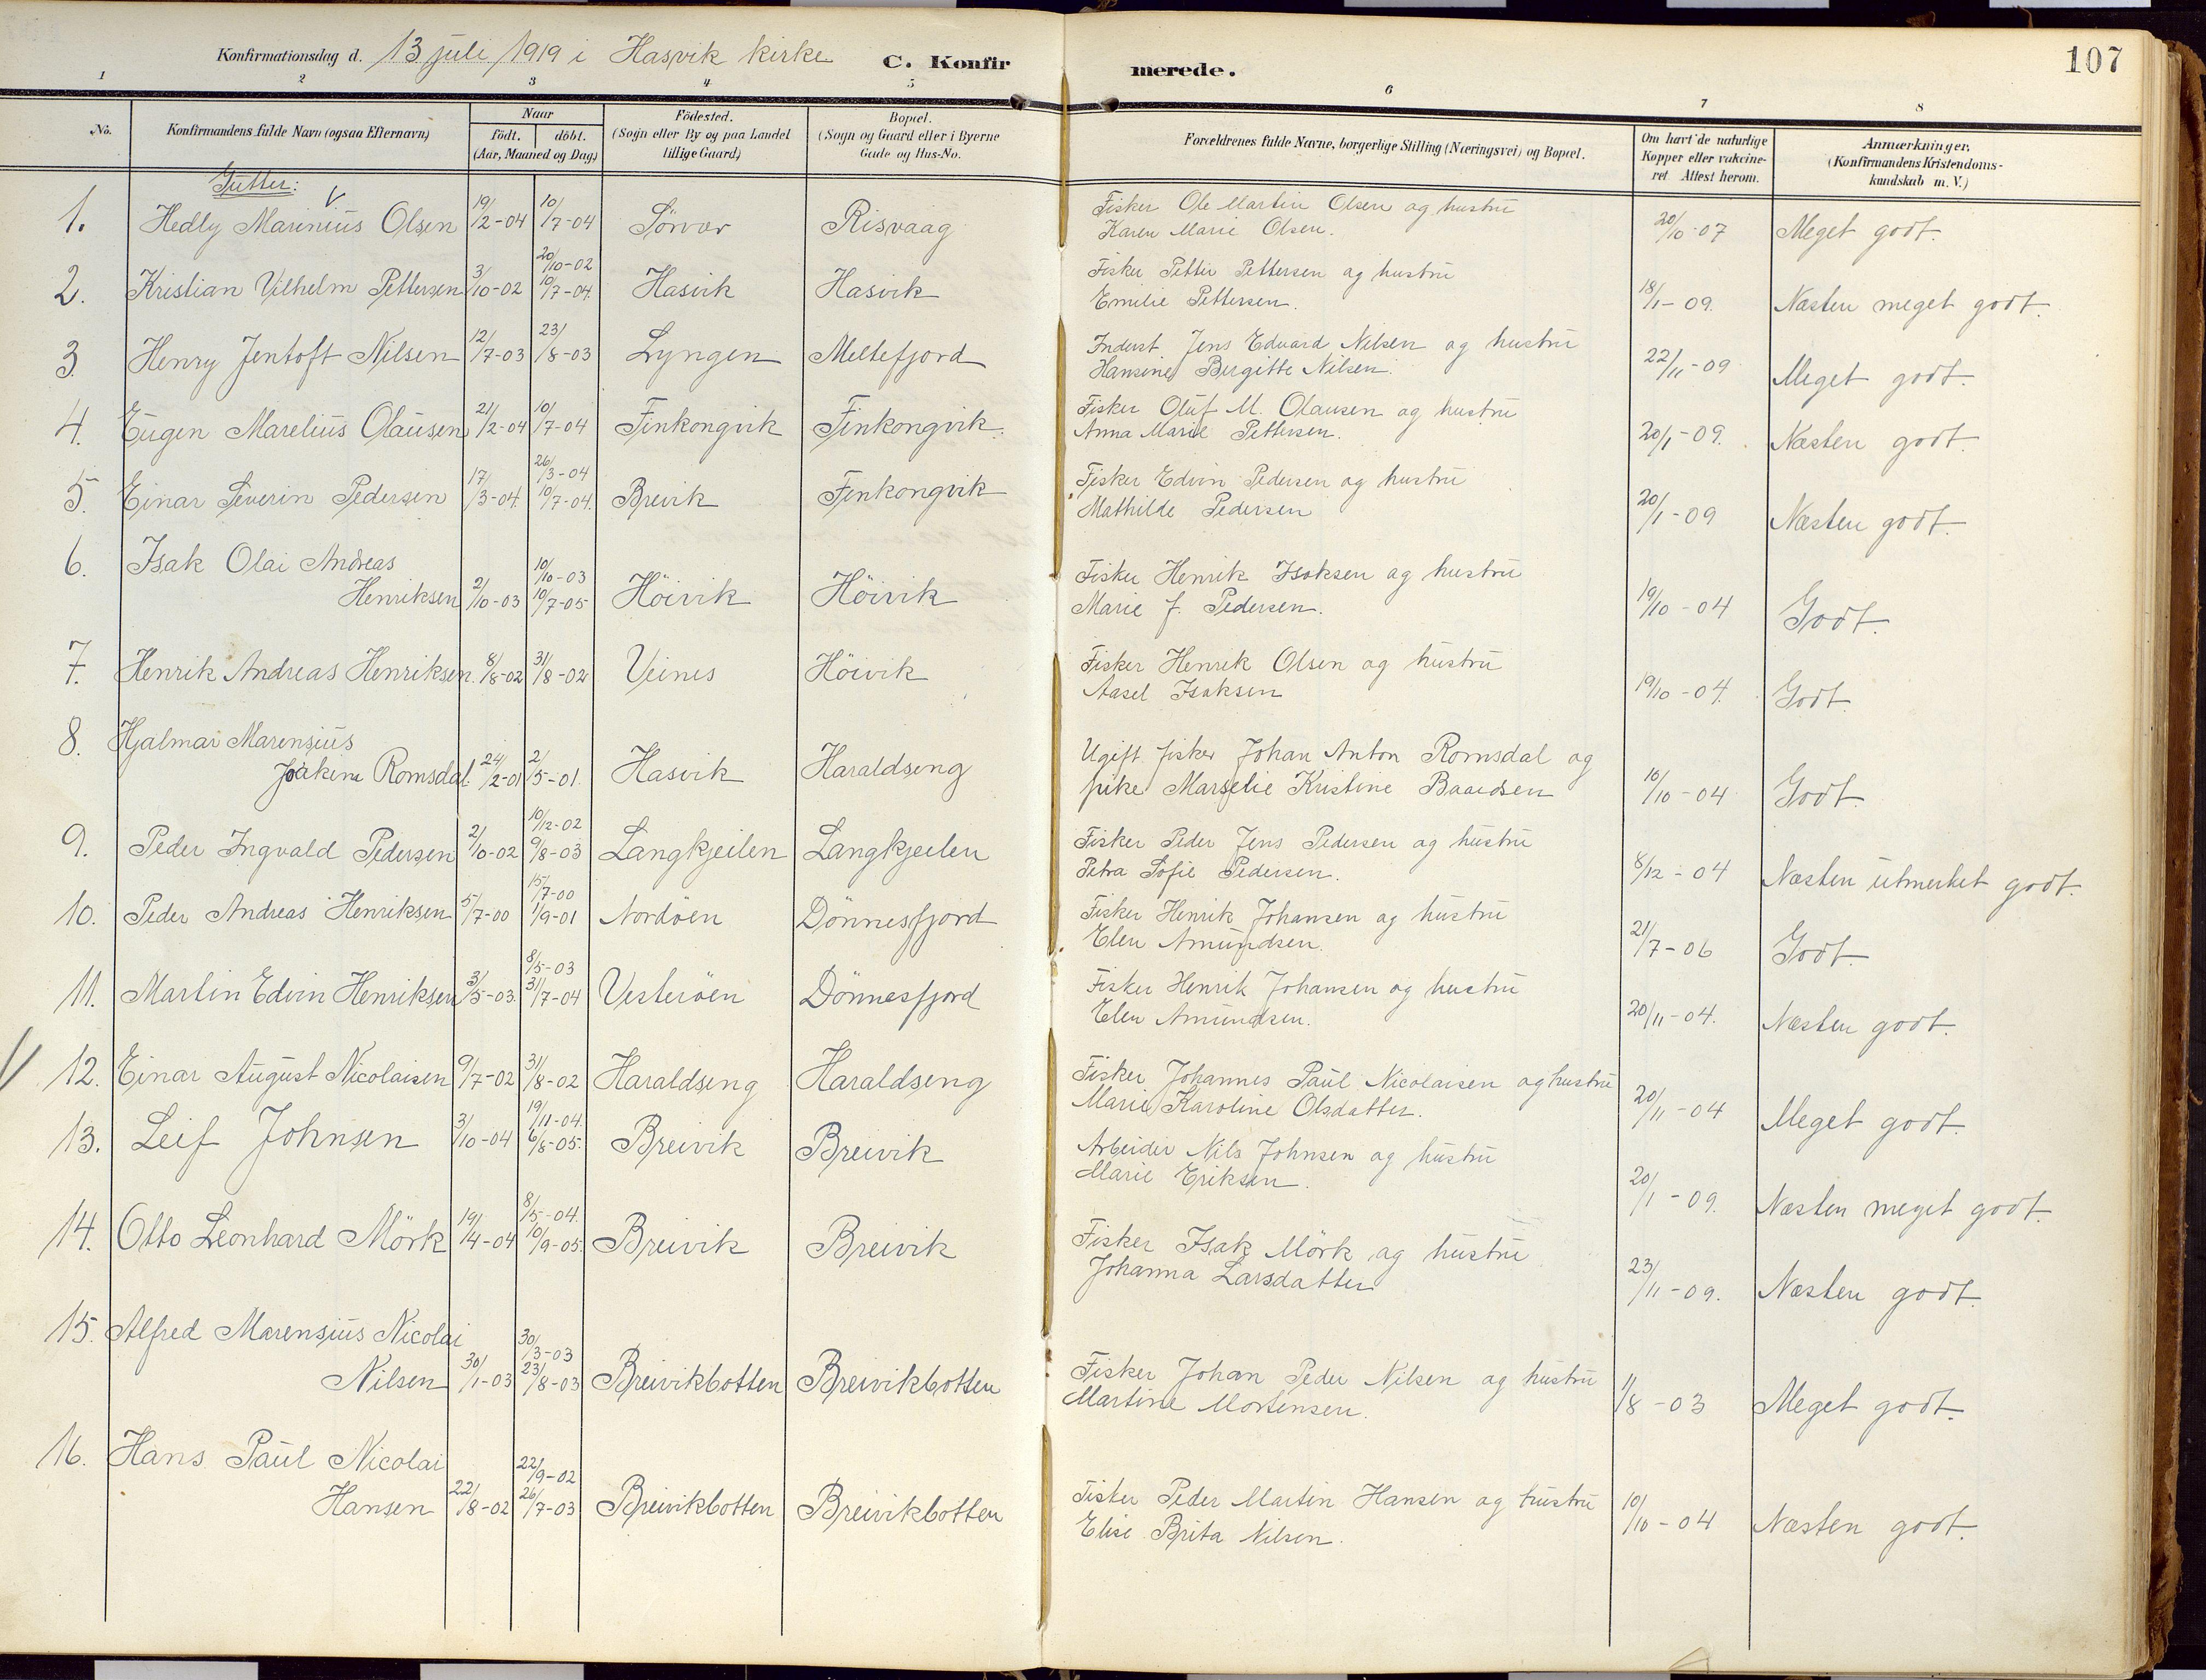 SATØ, Loppa sokneprestkontor, H/Ha/L0010kirke: Ministerialbok nr. 10, 1907-1922, s. 107